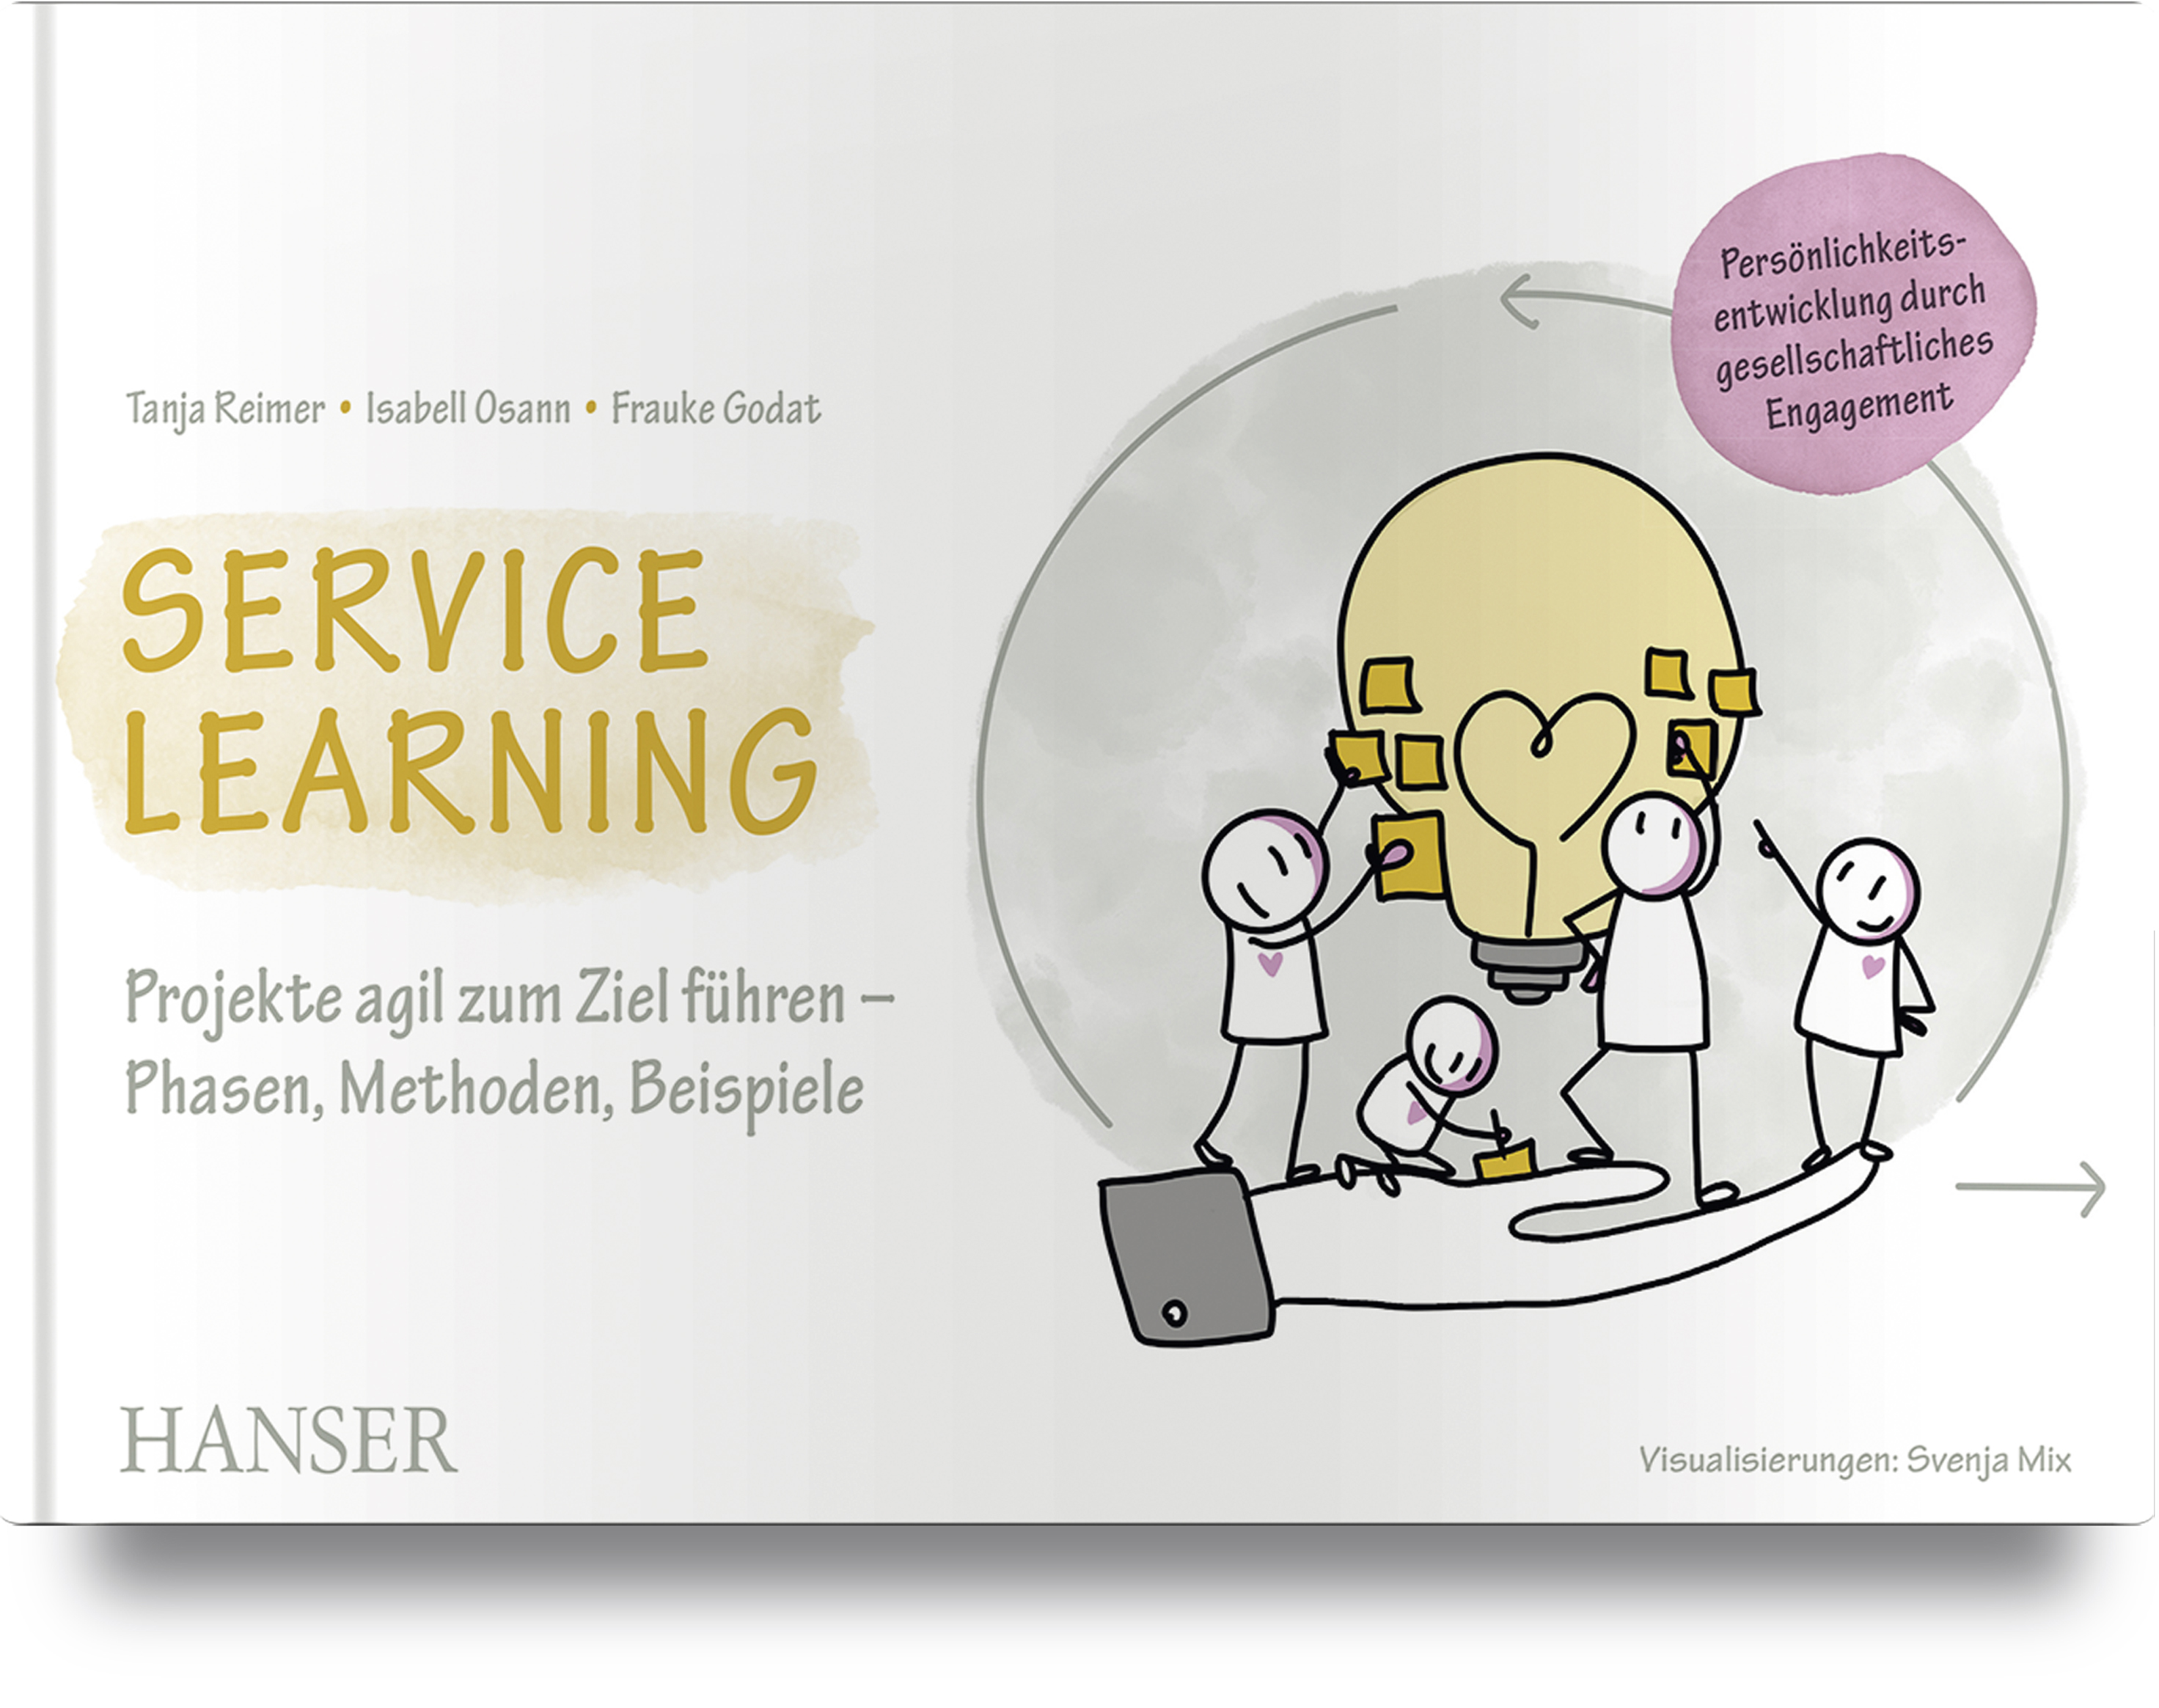 Reimer, Osann, Godat, Service Learning - Persönlichkeitsentwicklung durch gesellschaftliches Engagement, 978-3-446-46351-6